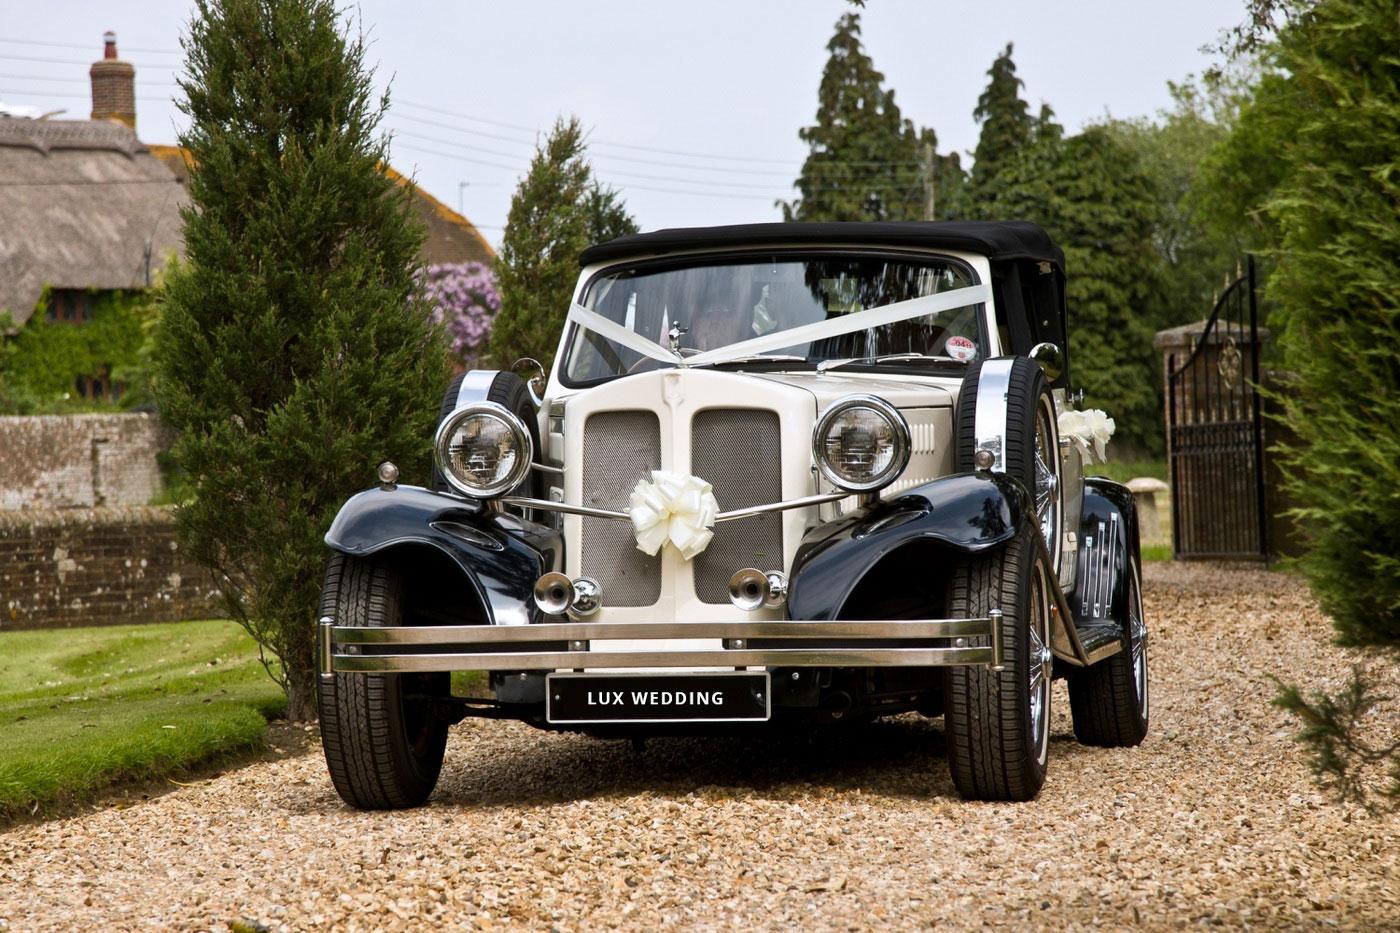 Vintage Wedding Car Hire Lux Wedding Car Hire